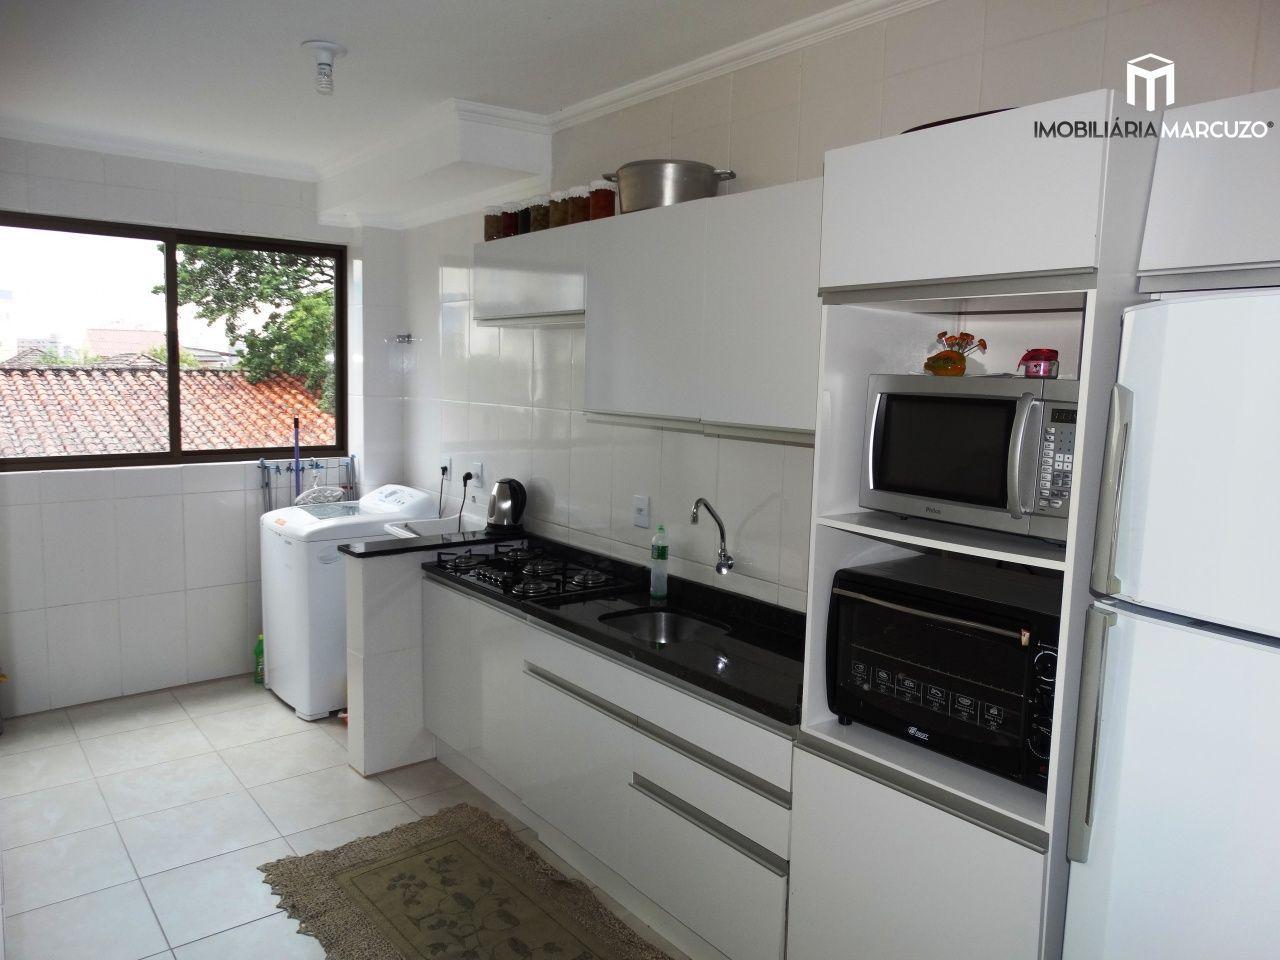 Apartamento com 2 Dormitórios à venda, 75 m² por R$ 260.000,00